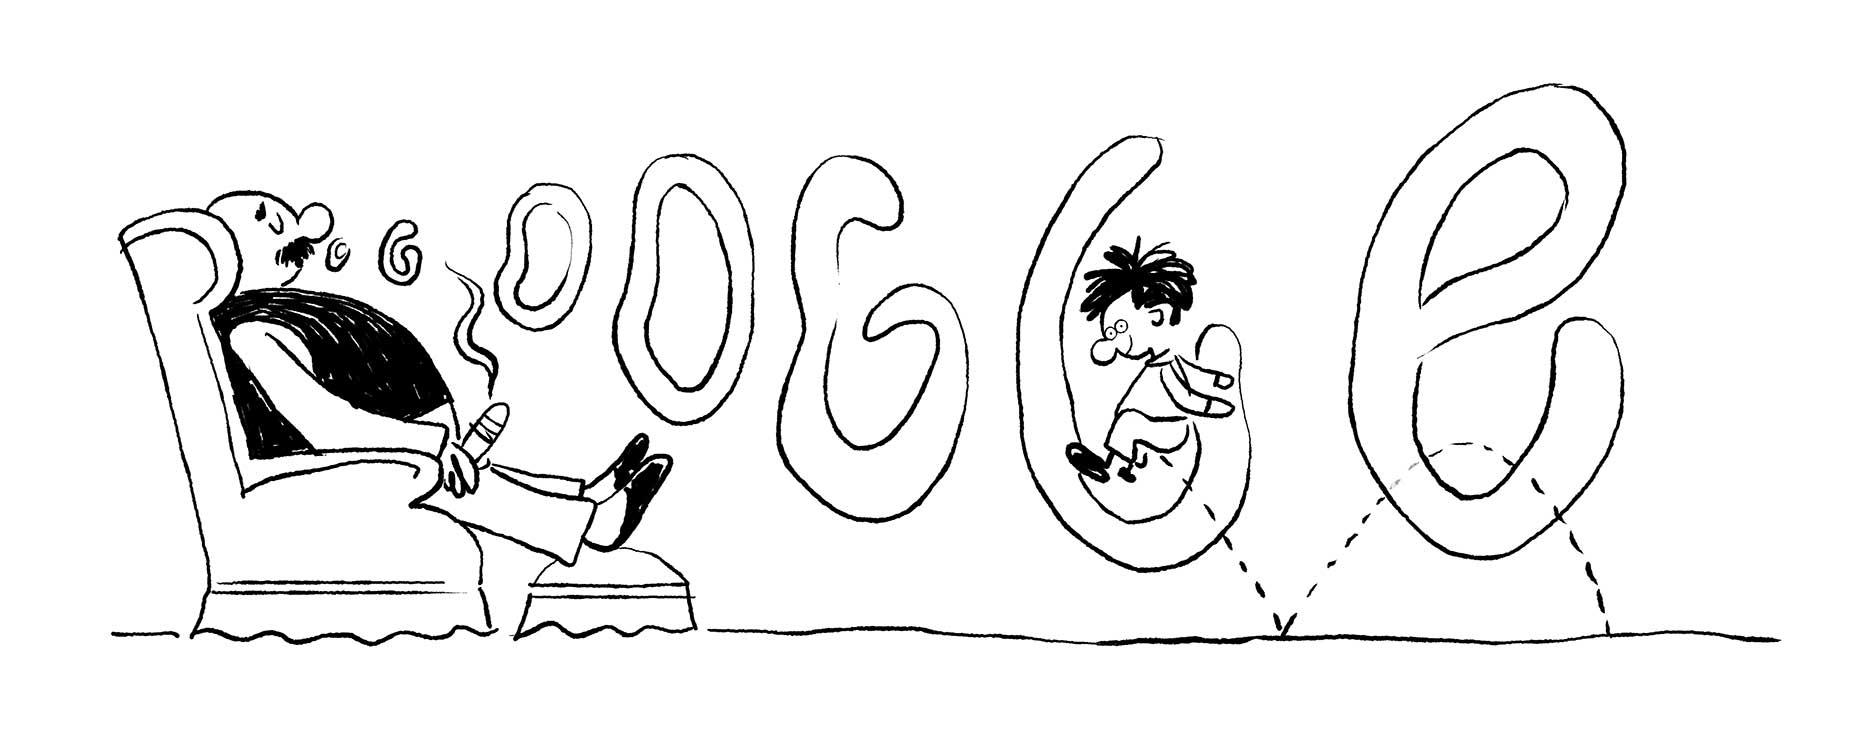 Erich Ohser Doodle Entwurf 3